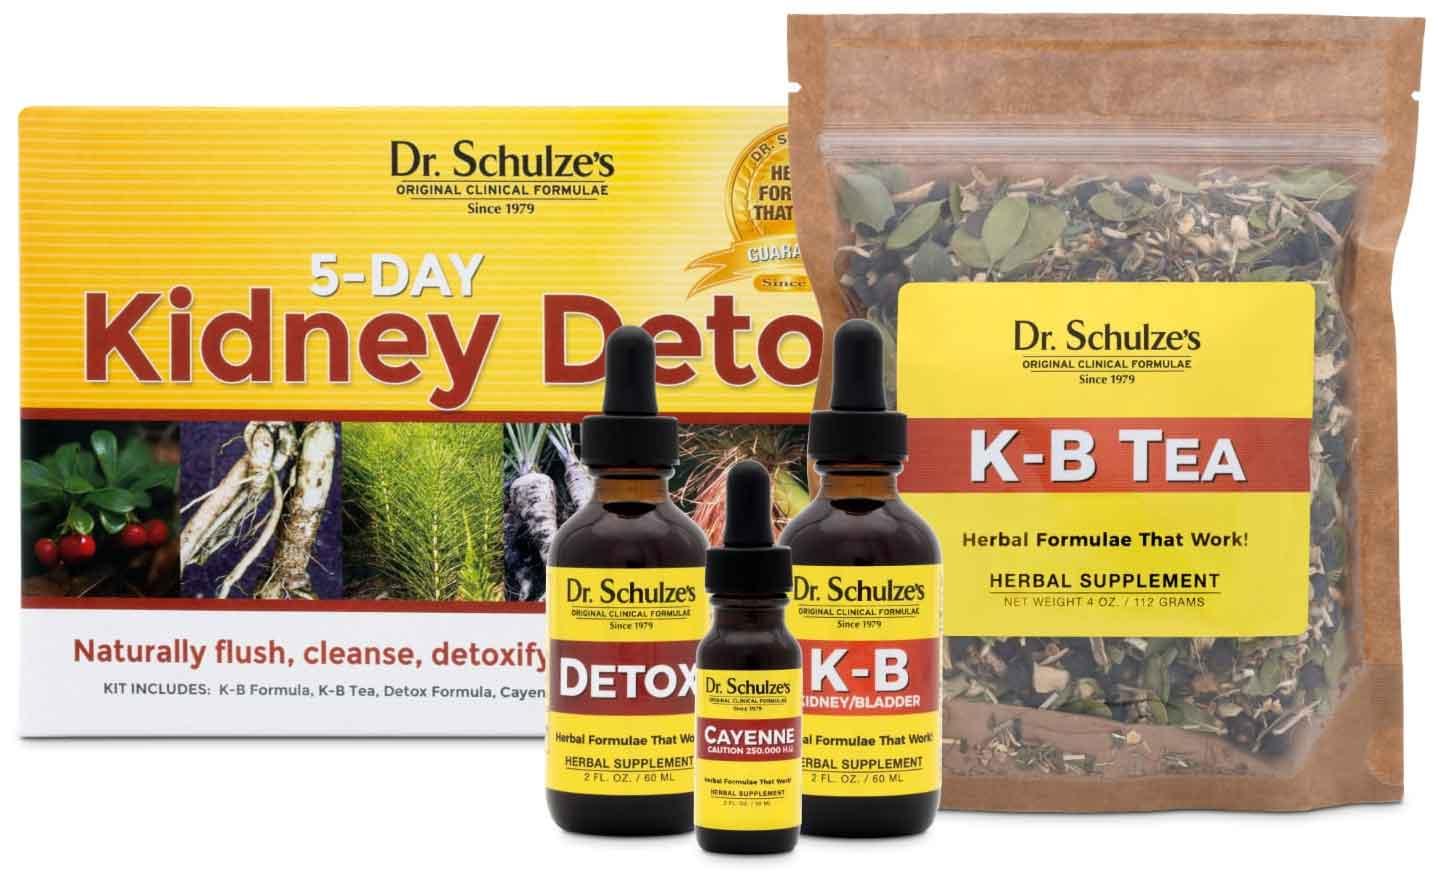 5-Day Kidney Detox, Buy 2, Save 15%